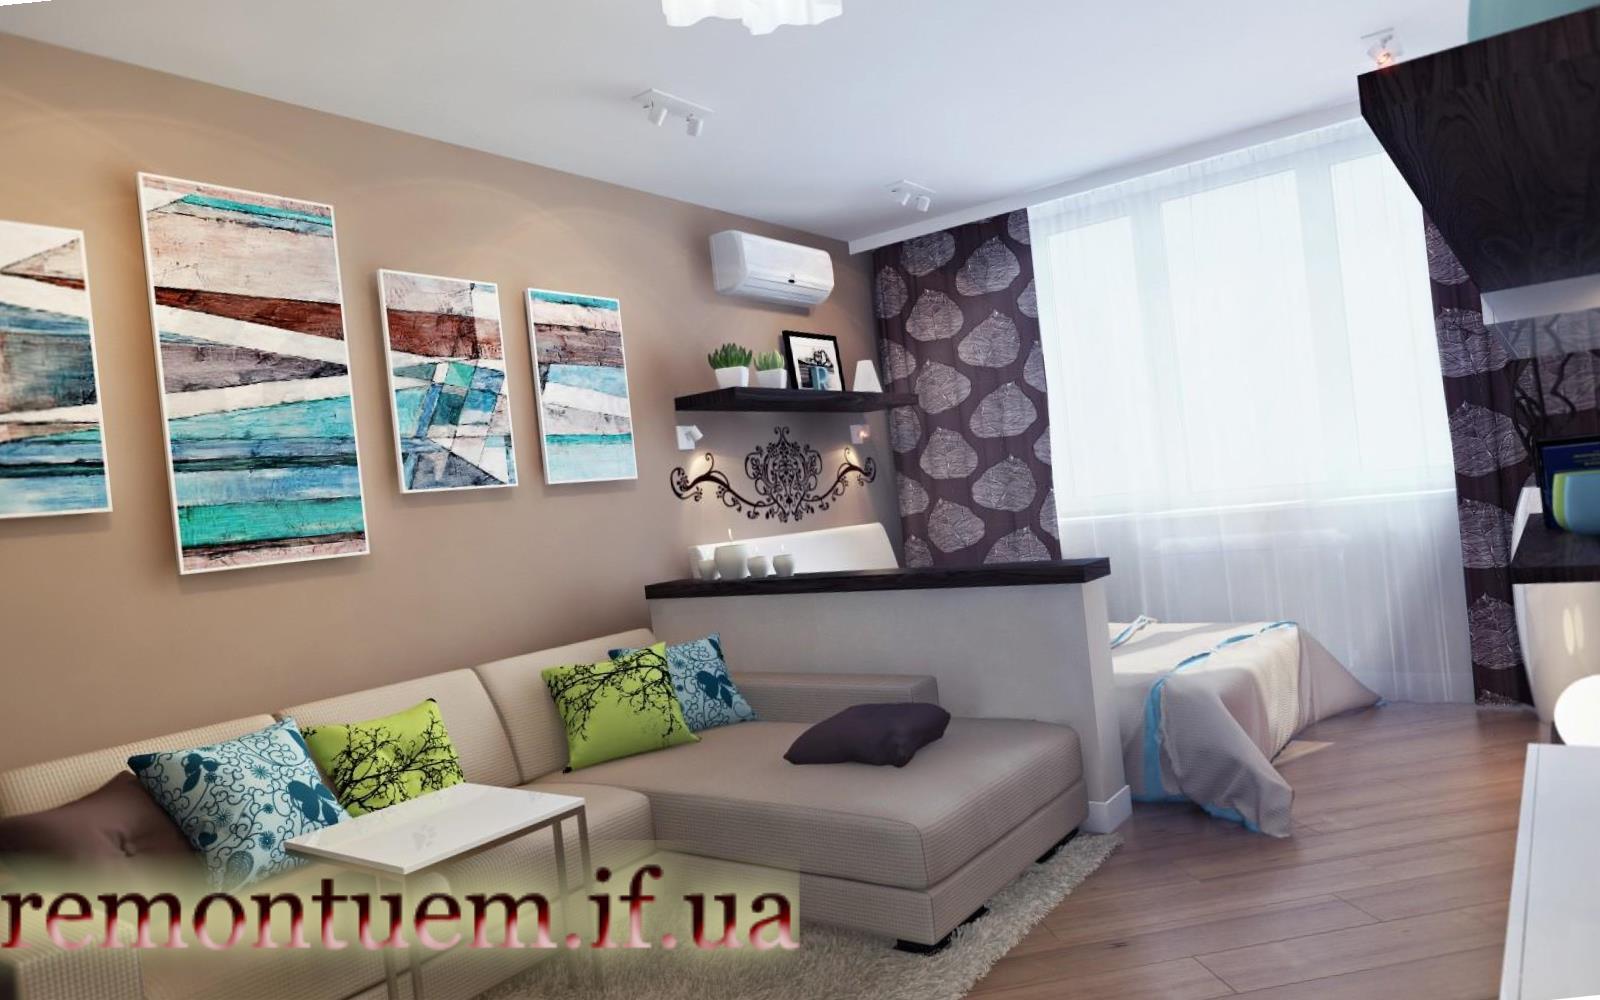 Дизайнерський ремонт квартир Івано-Франківськ